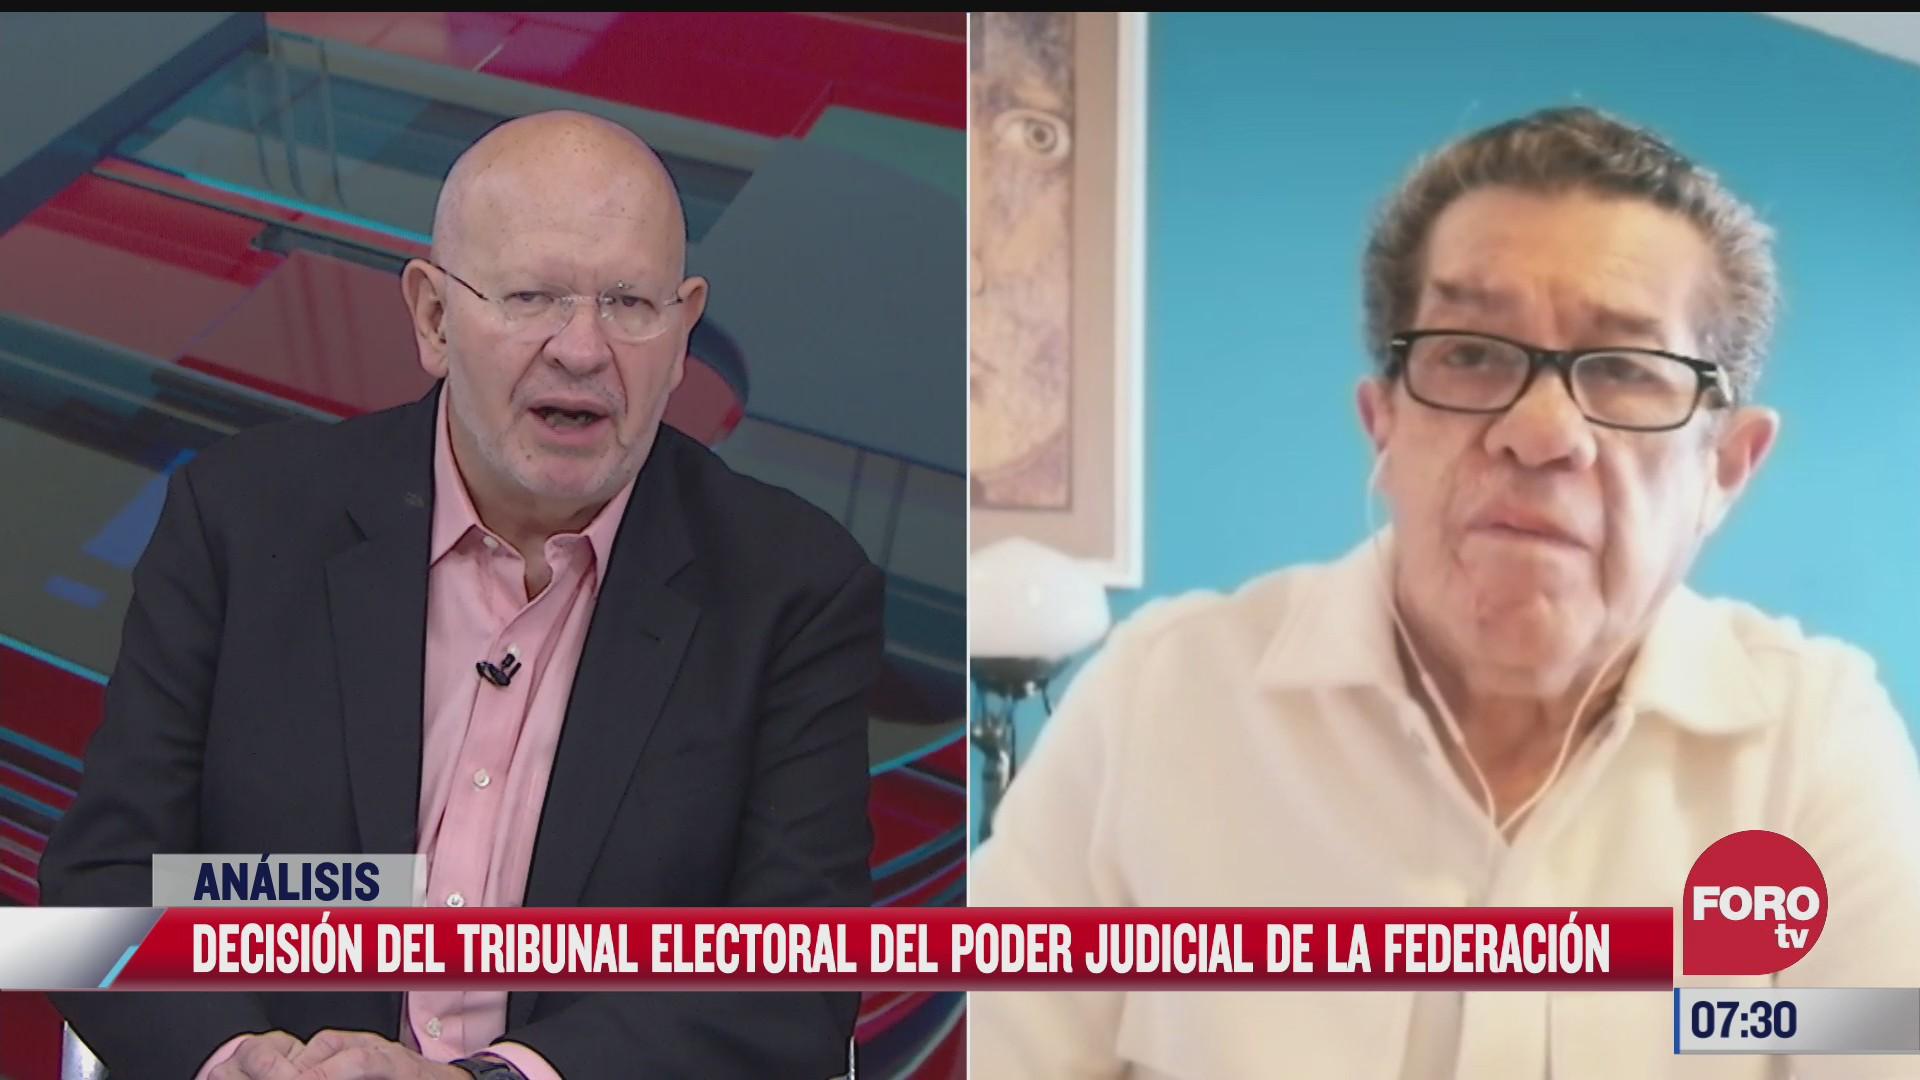 decision del tribunal electoral del poder judicial el analisis en estrictamente personal